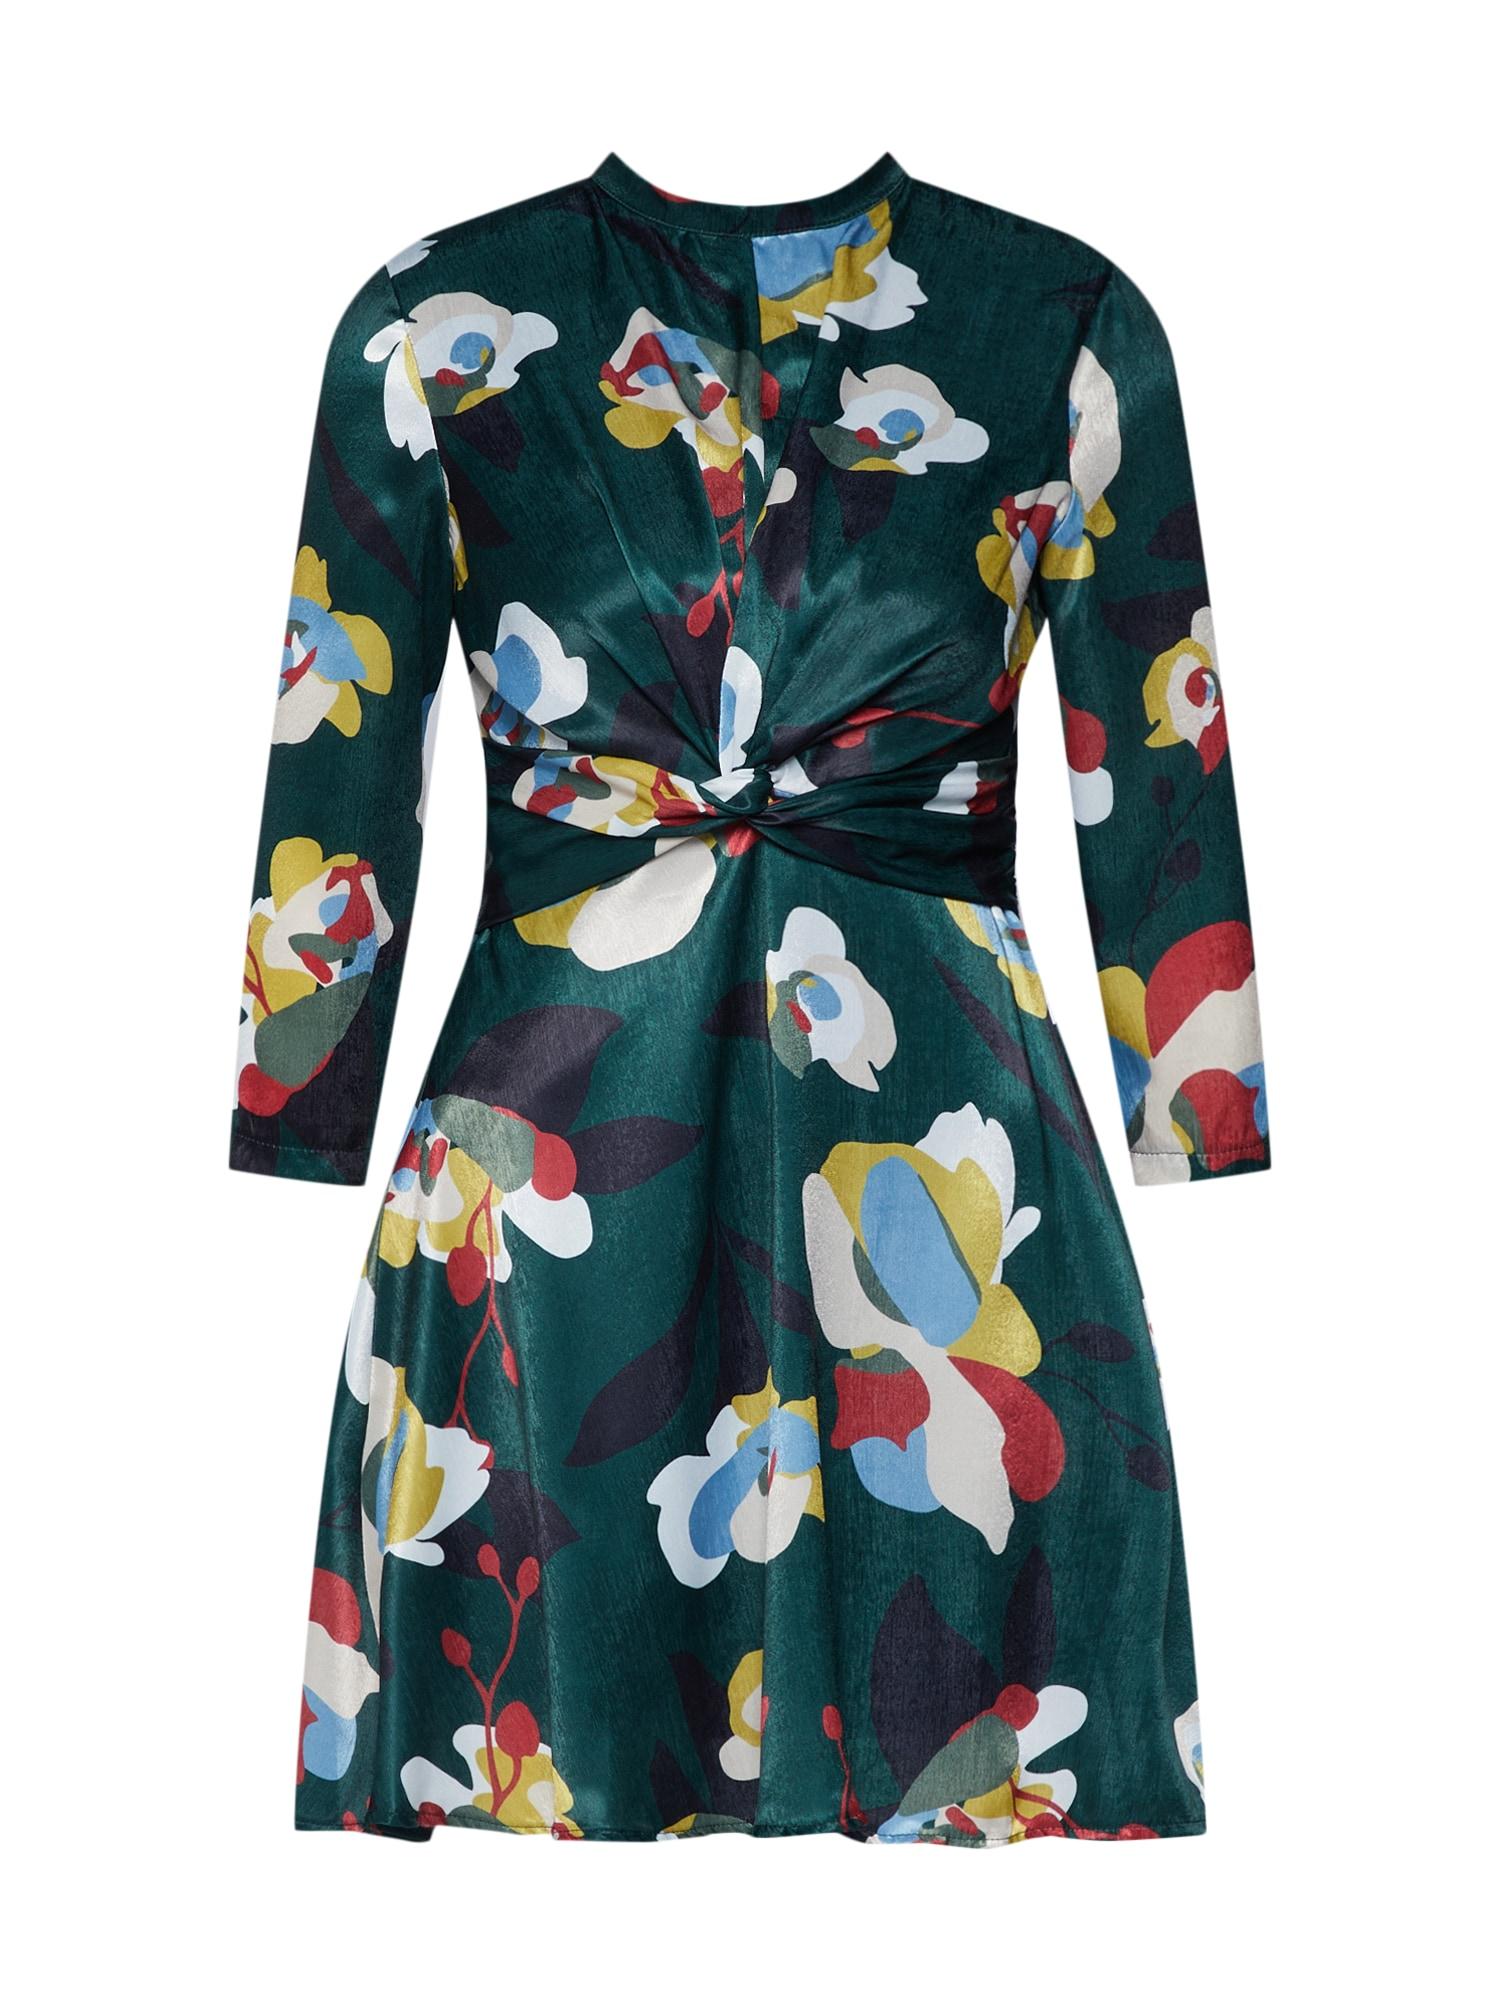 Letní šaty LG0060900 zelená Liebesglück